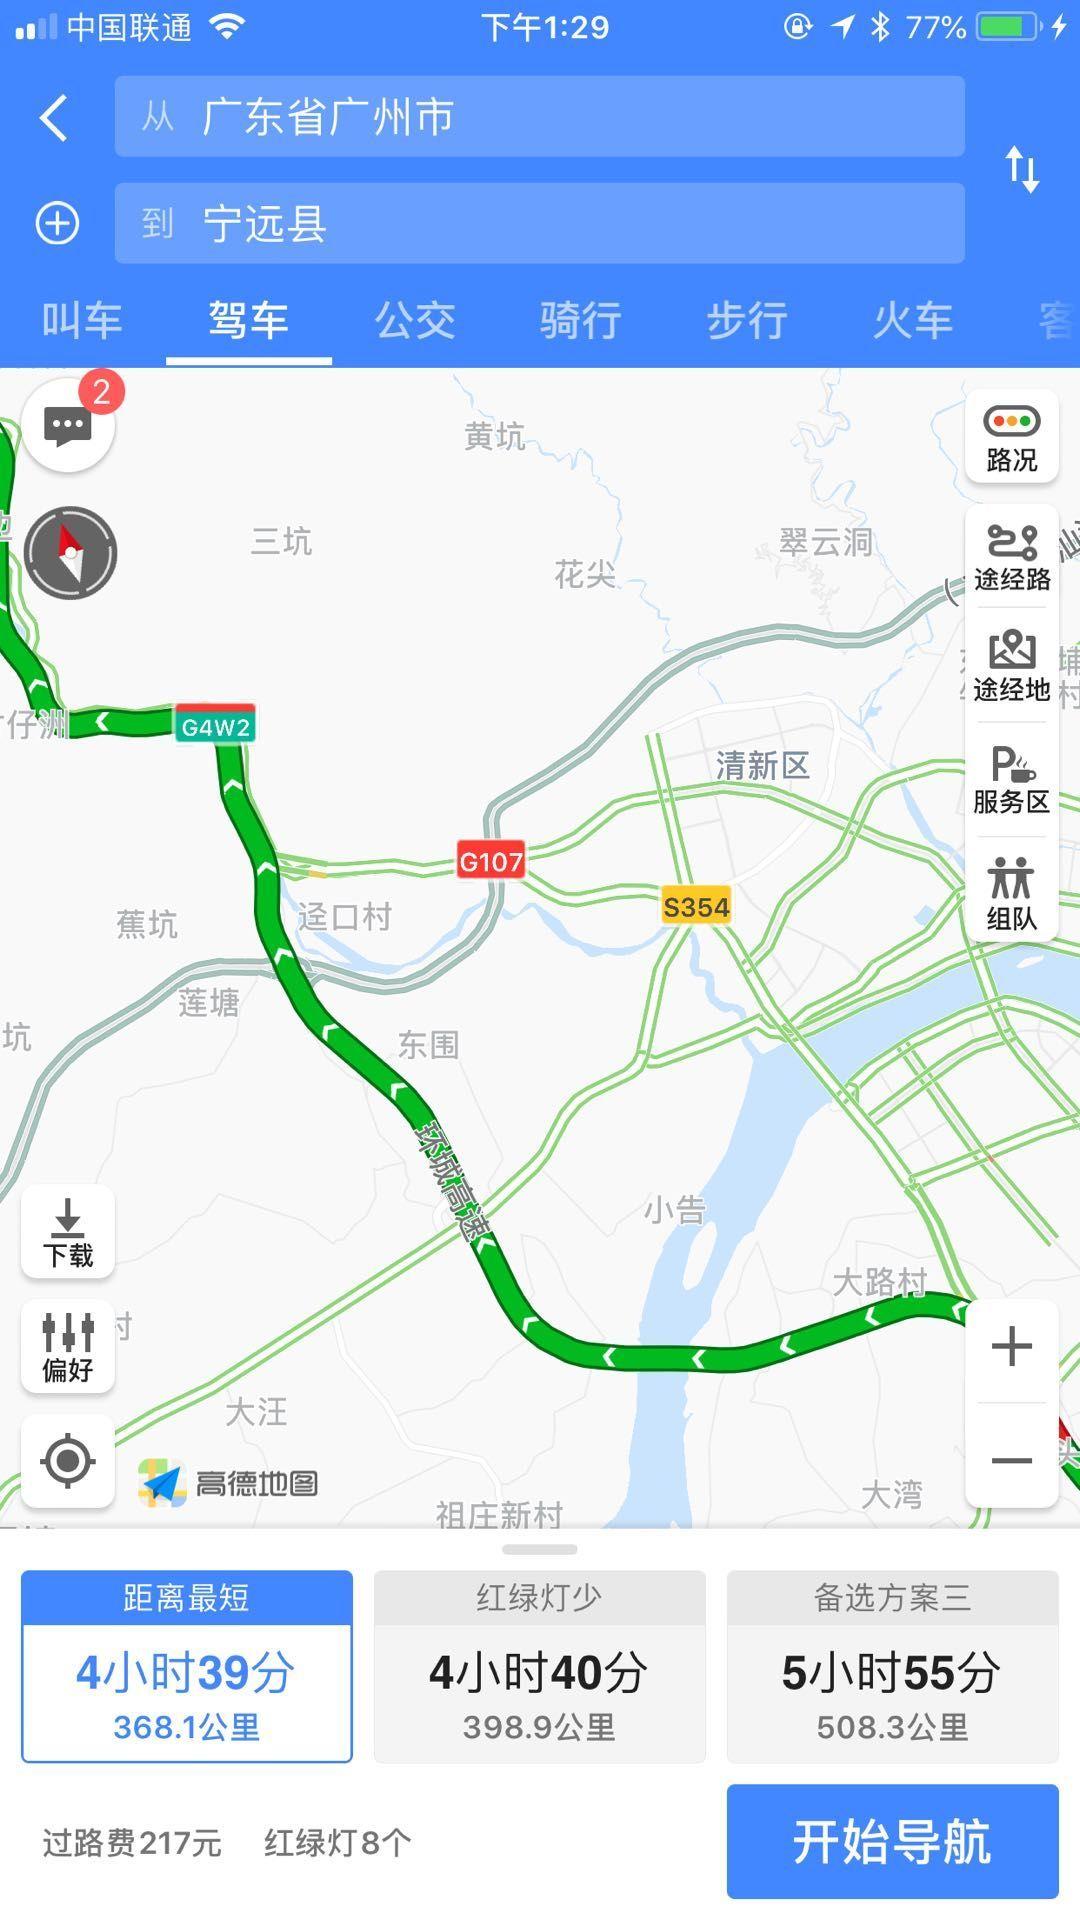 清连-广清高速连接线虽然通车了,但是你可能还是宁愿绕路